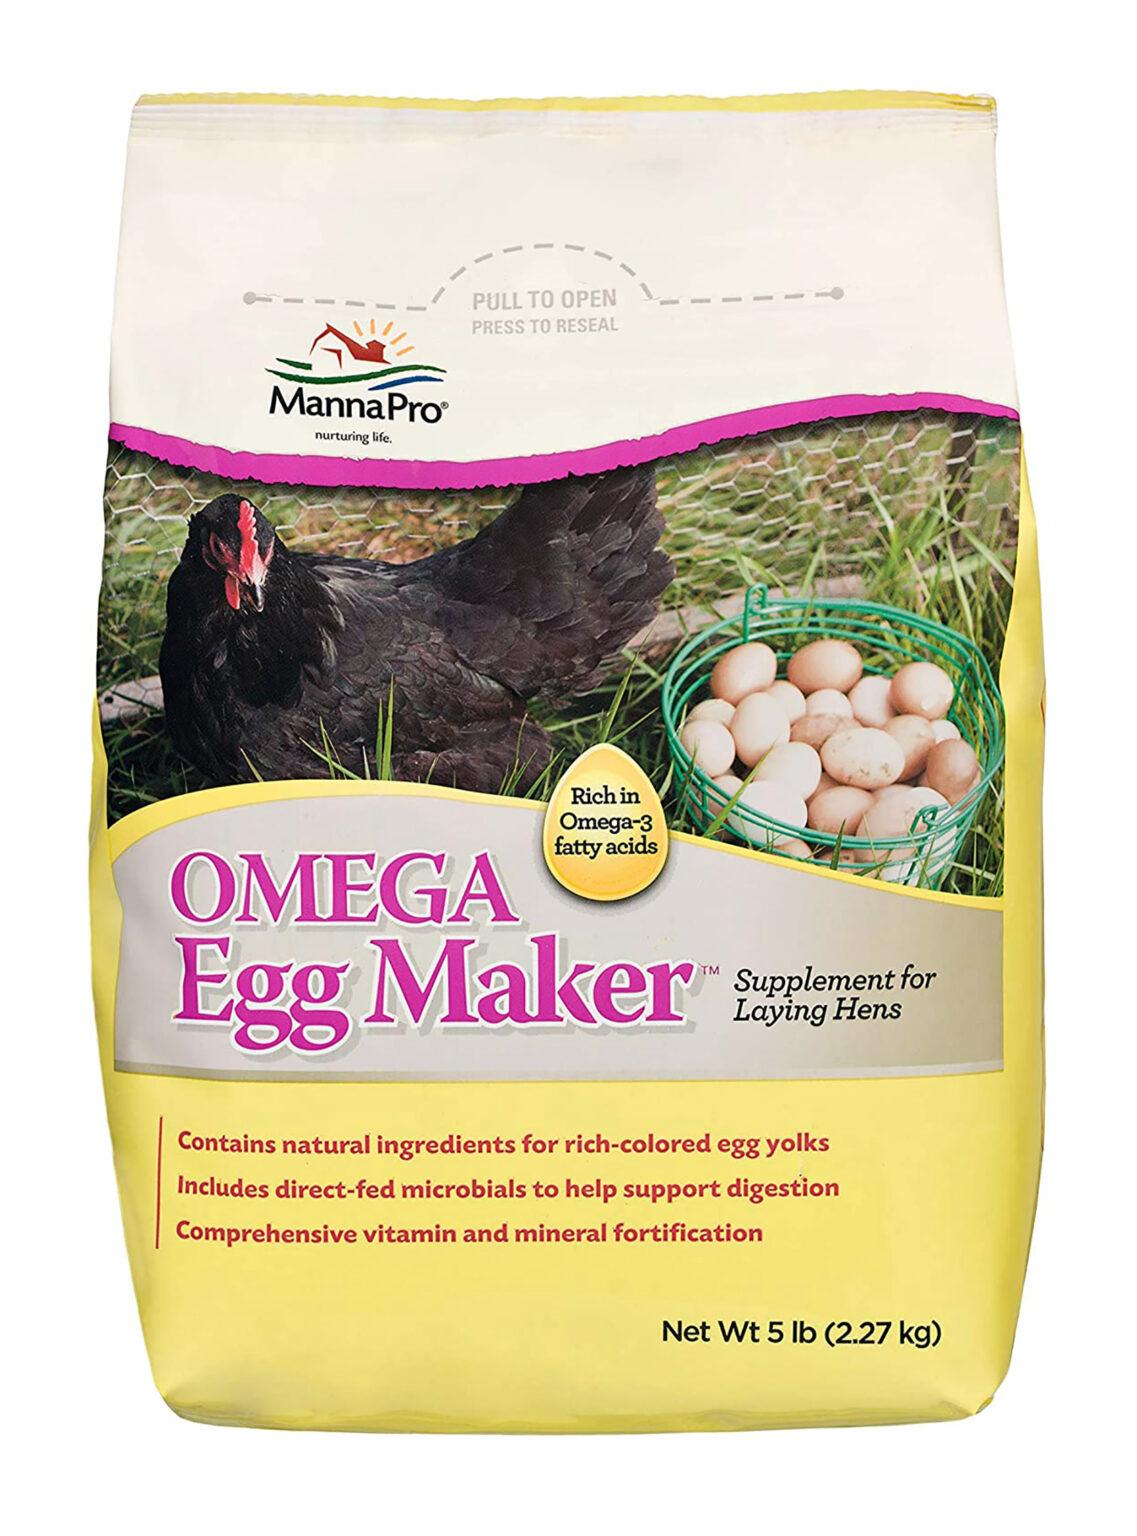 Omega Egg Maker review